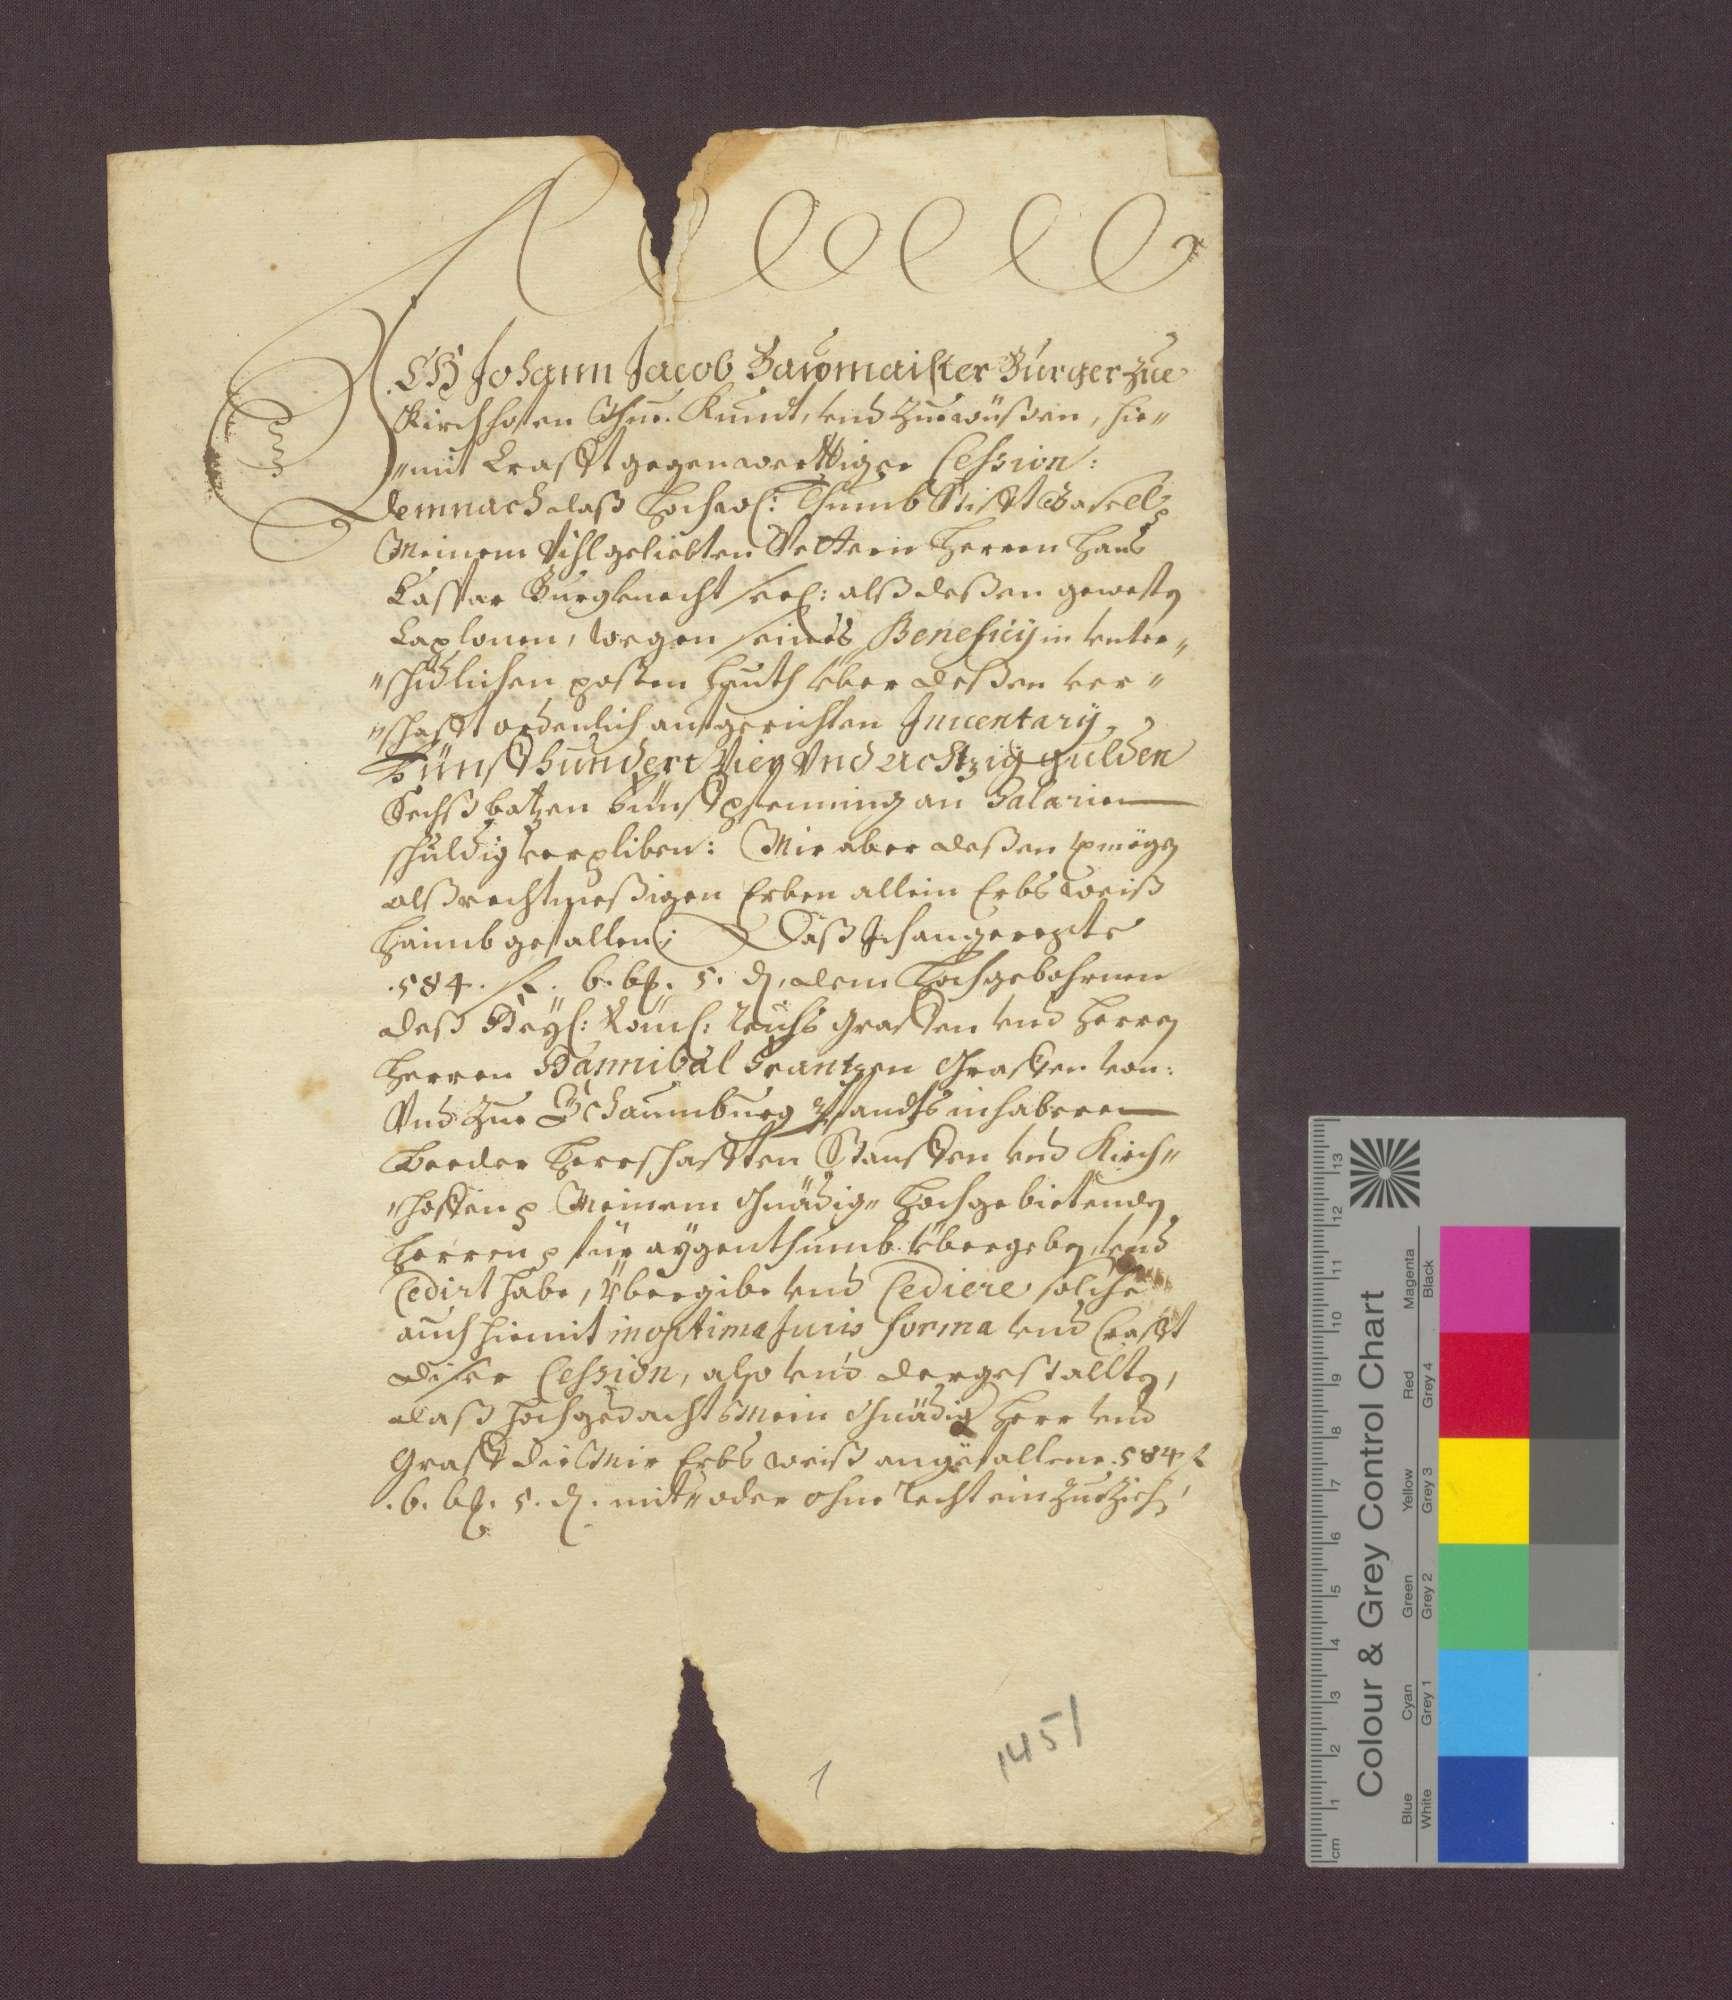 Johann Jakob Baumeister zu Kirchhofen überlässt eine Schuldforderung an das Domkapitel an den Grafen Hannibal Franz von Schauenburg., Bild 1